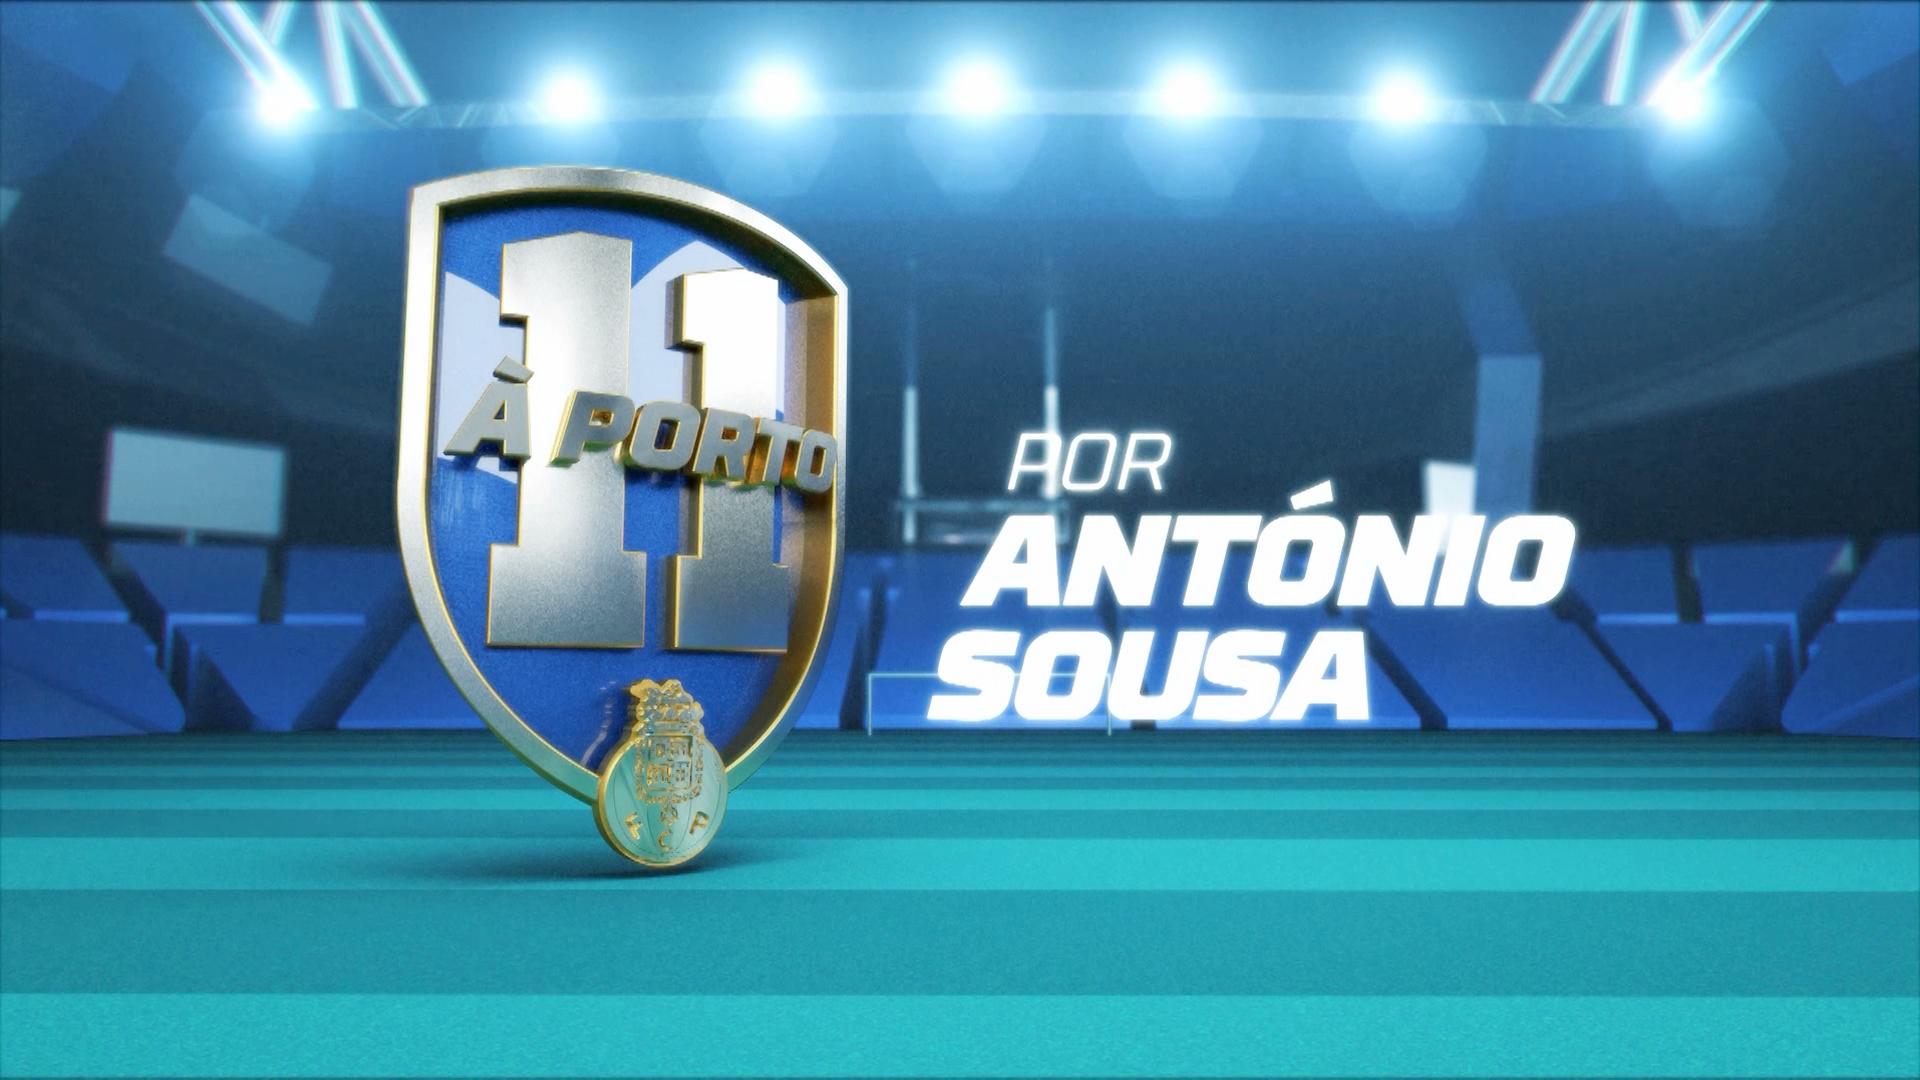 '11 à Porto' por Sousa